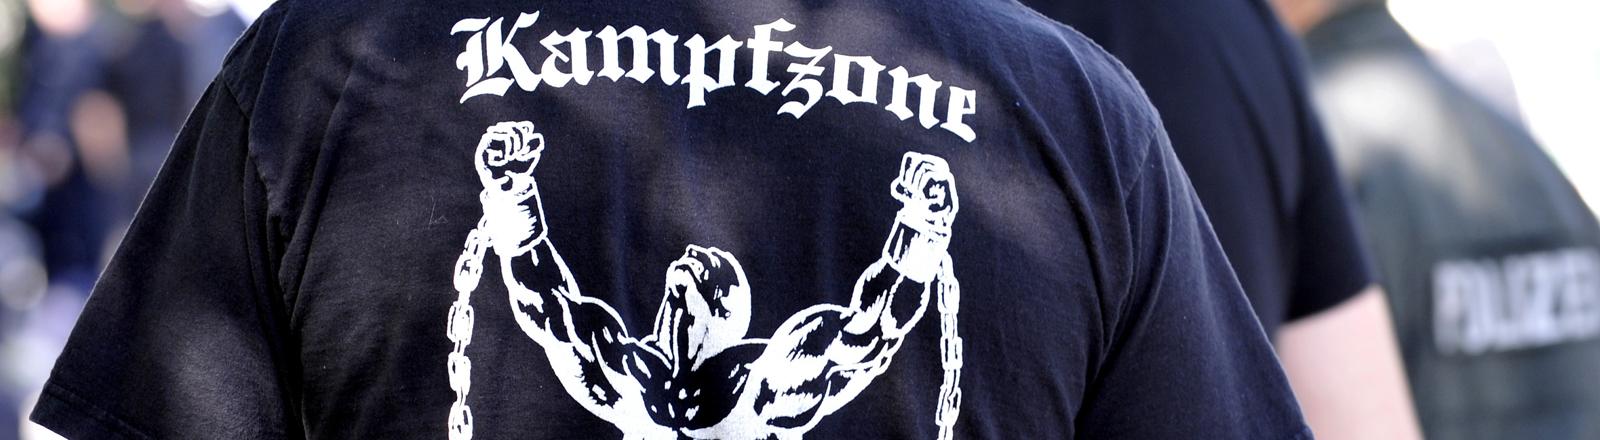 """Rücken eines Neonazis in Dortmund. Auf seinem T-Shirt steht """"Kampfzone"""""""